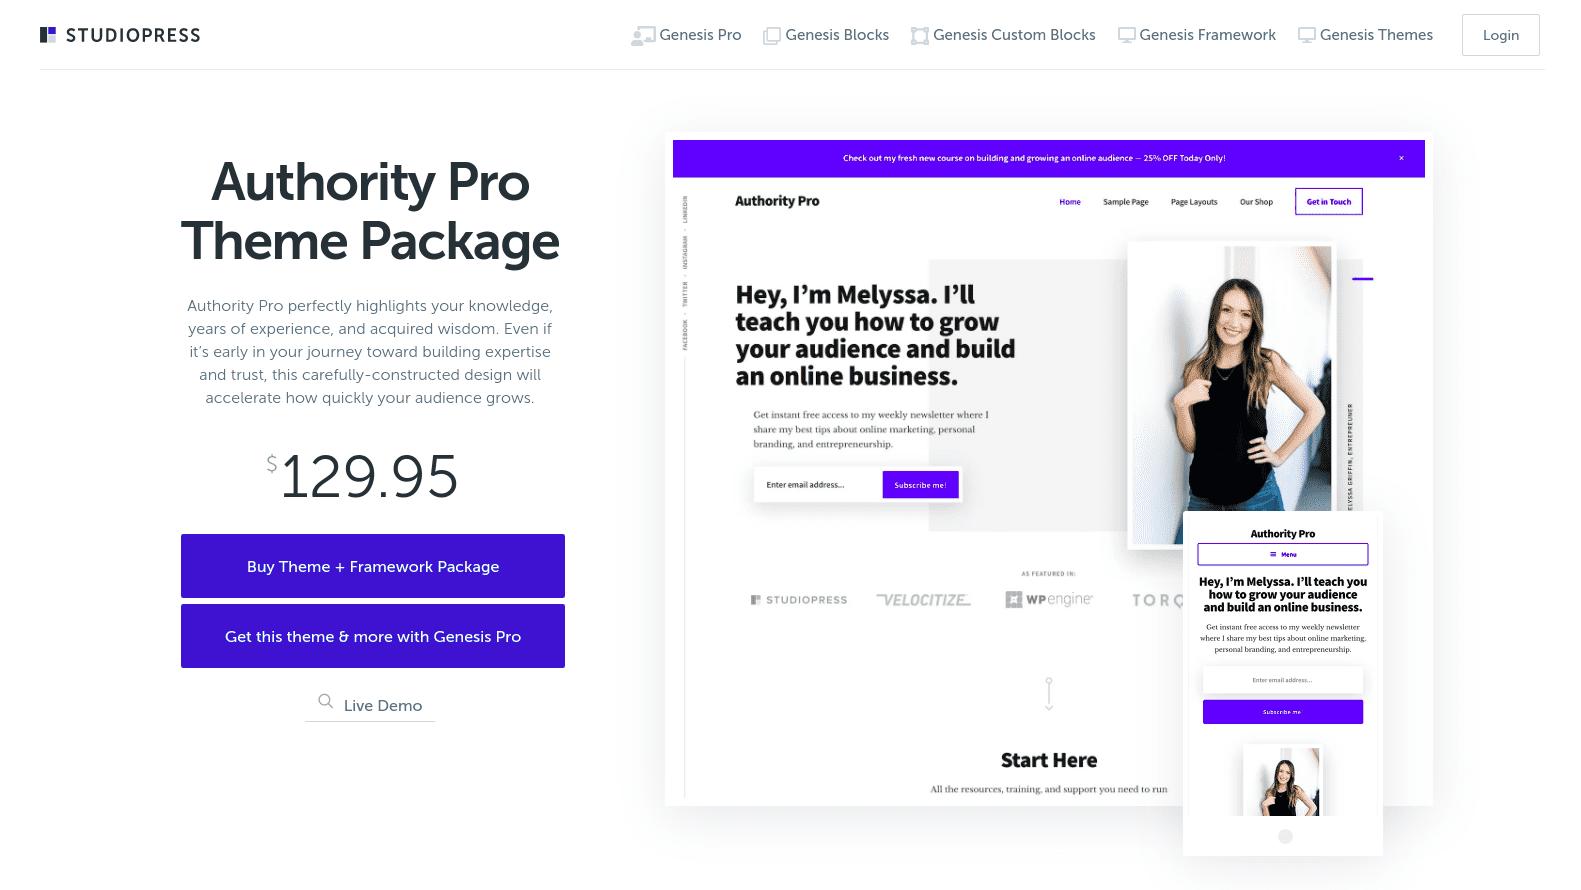 Authority Pro